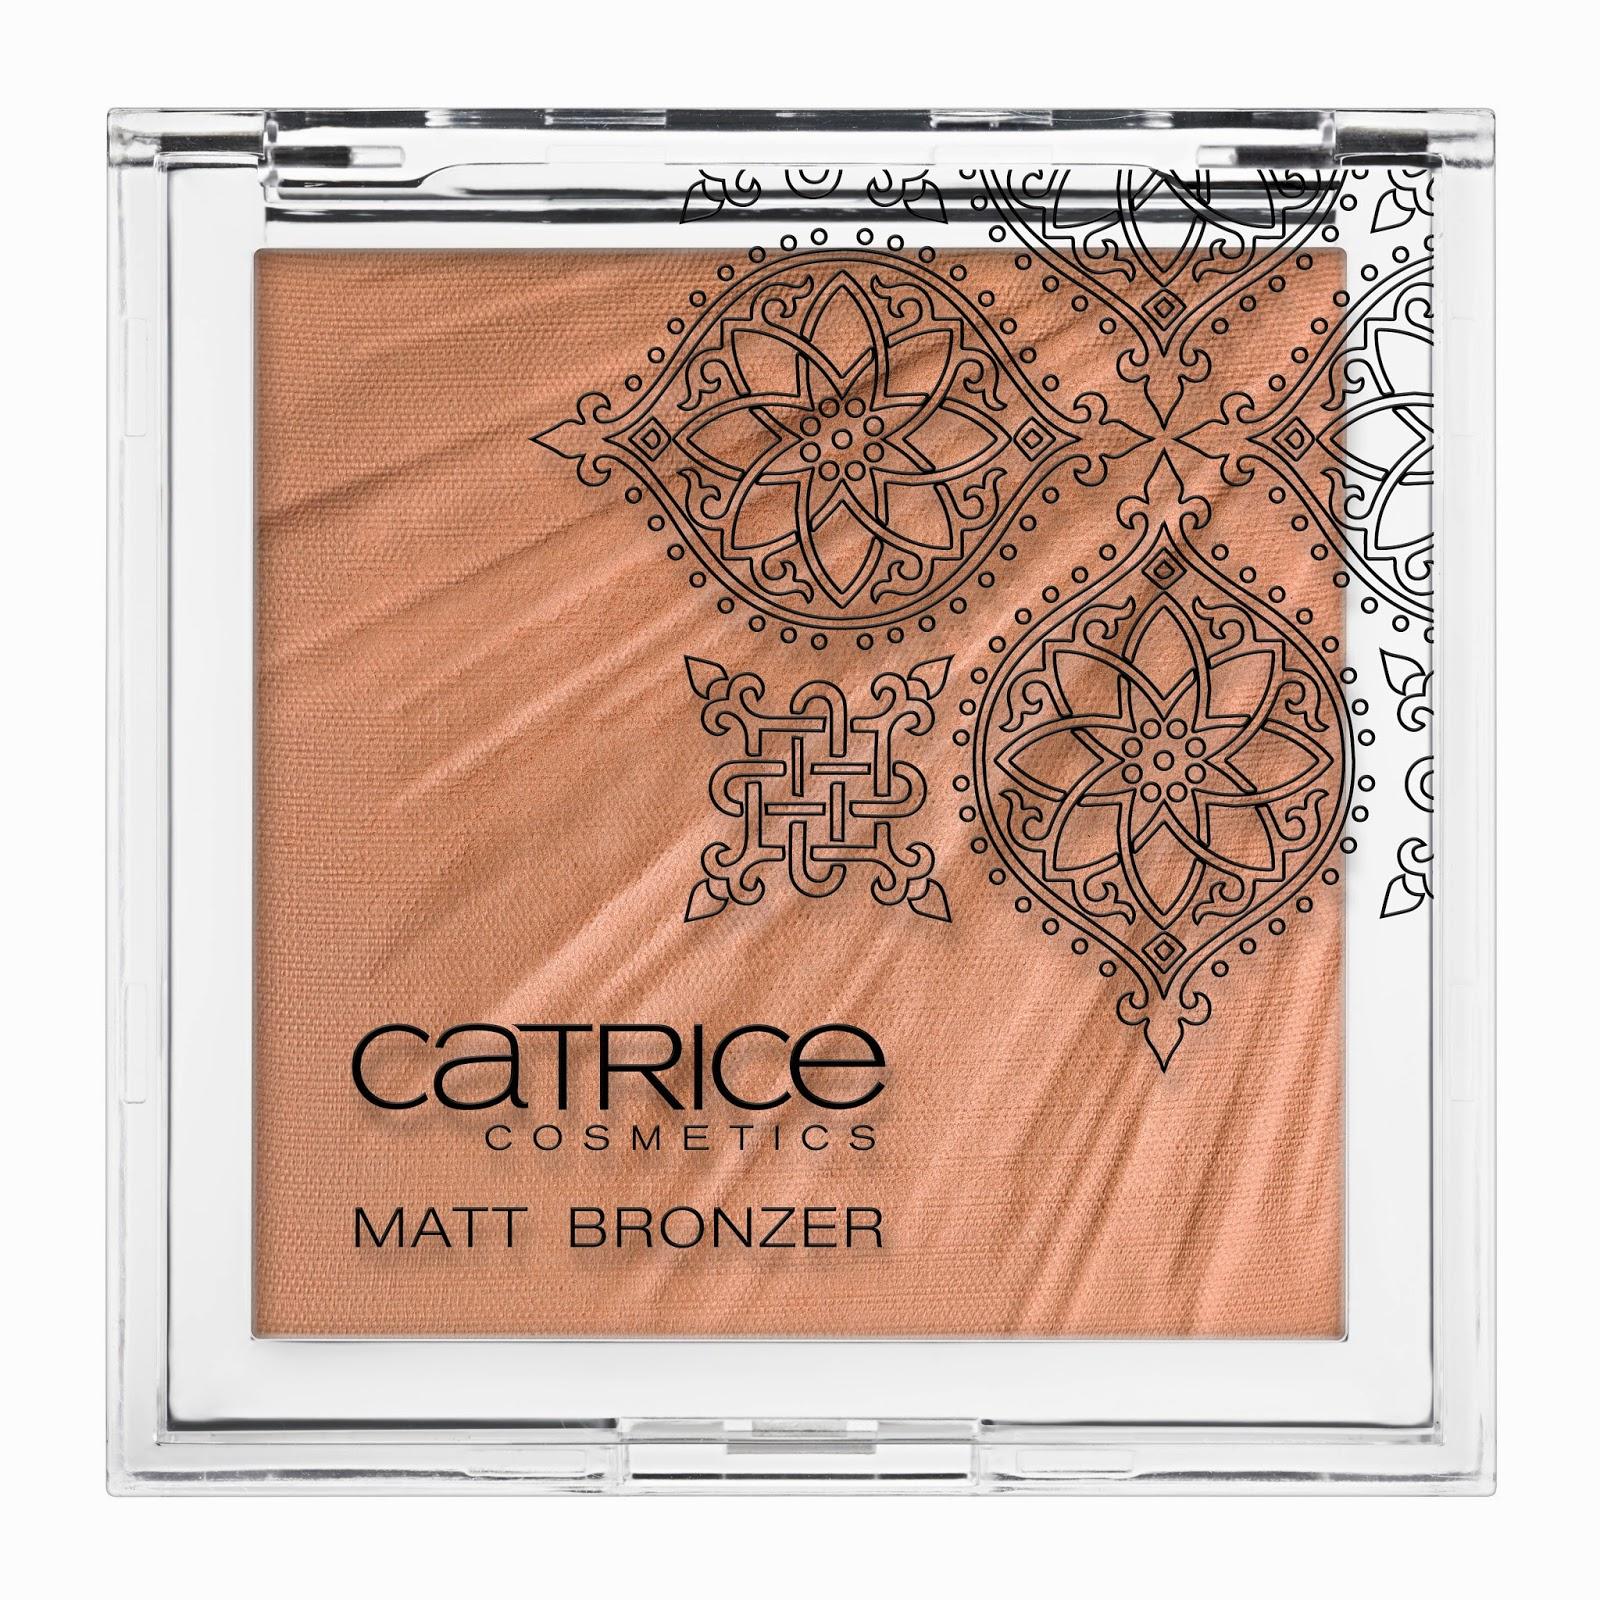 Nomadic Traces by CATRICE – Matt Bronzer - www.annitschkasblog.de